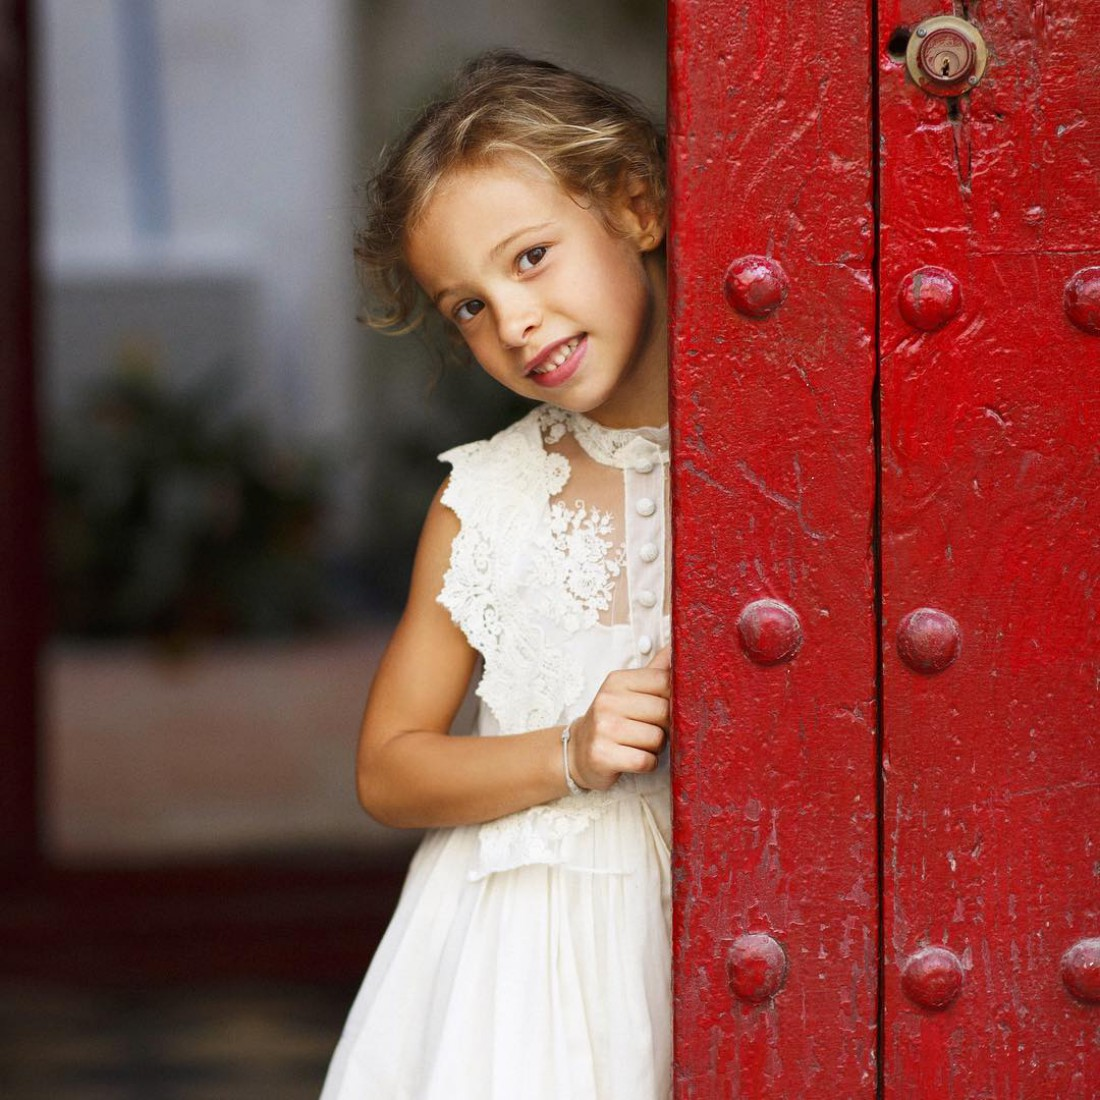 7-летняя дочь Сергея Жукова Ника